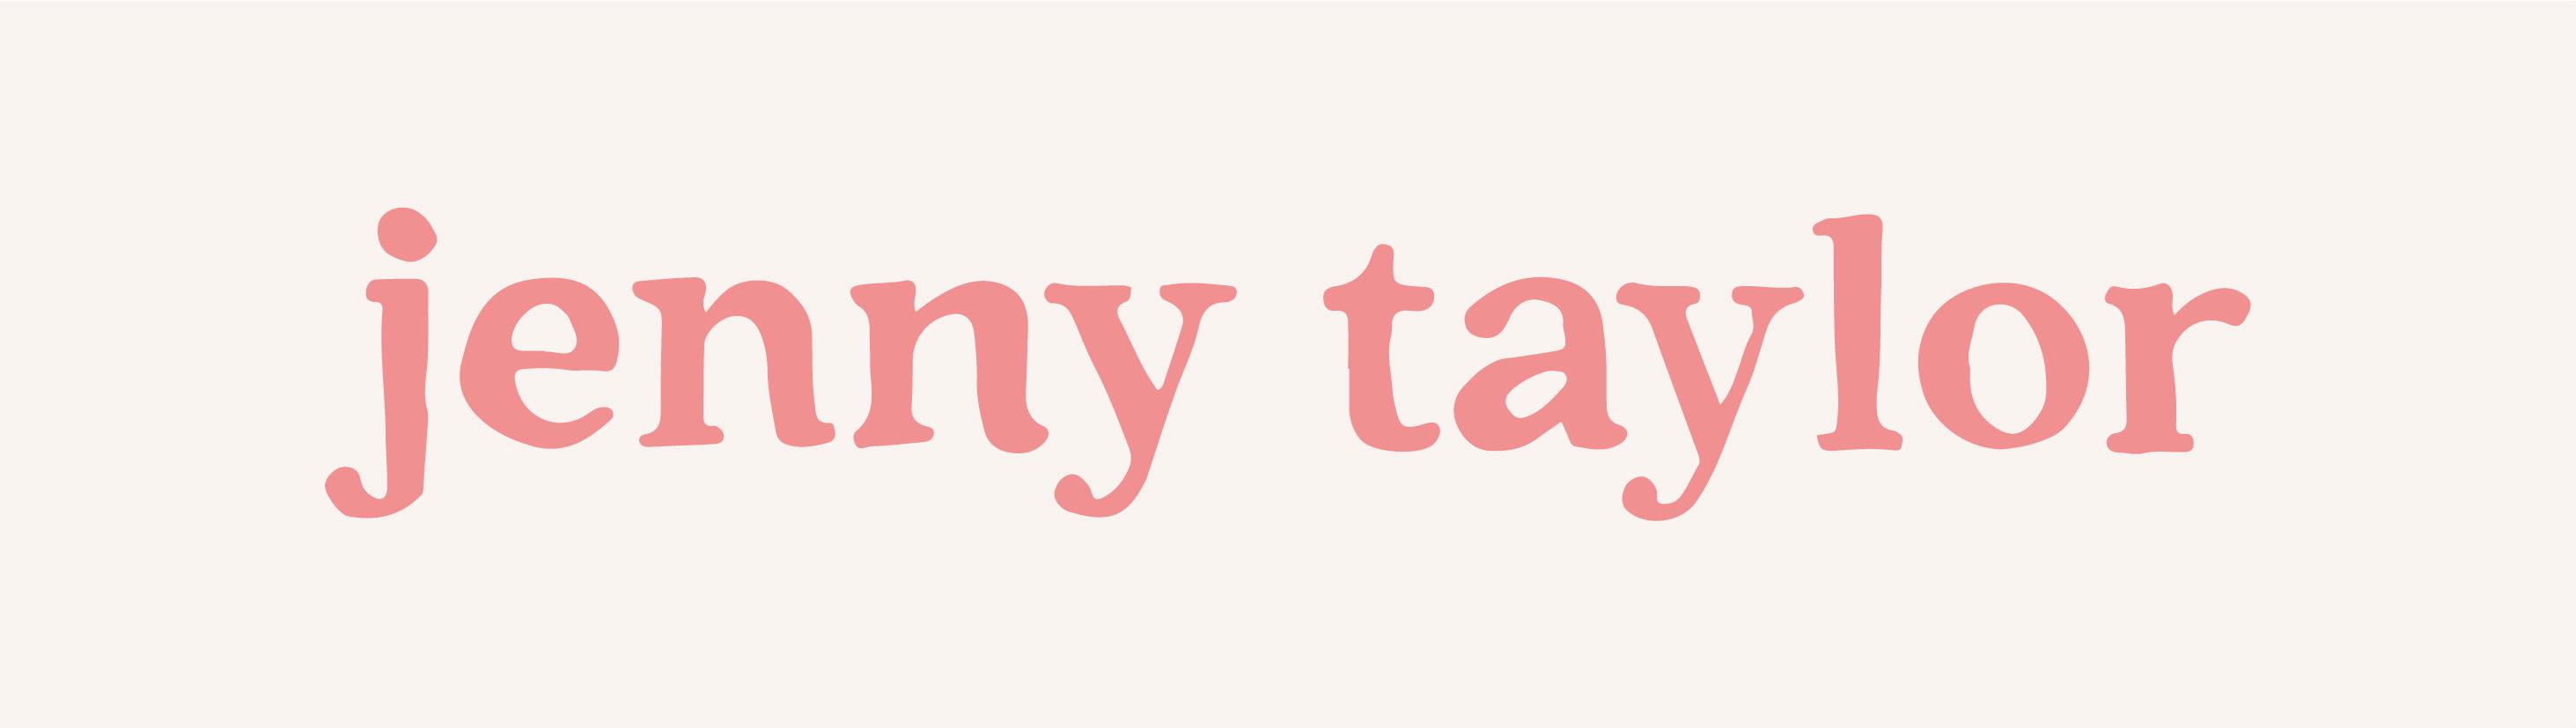 Jenny Taylor